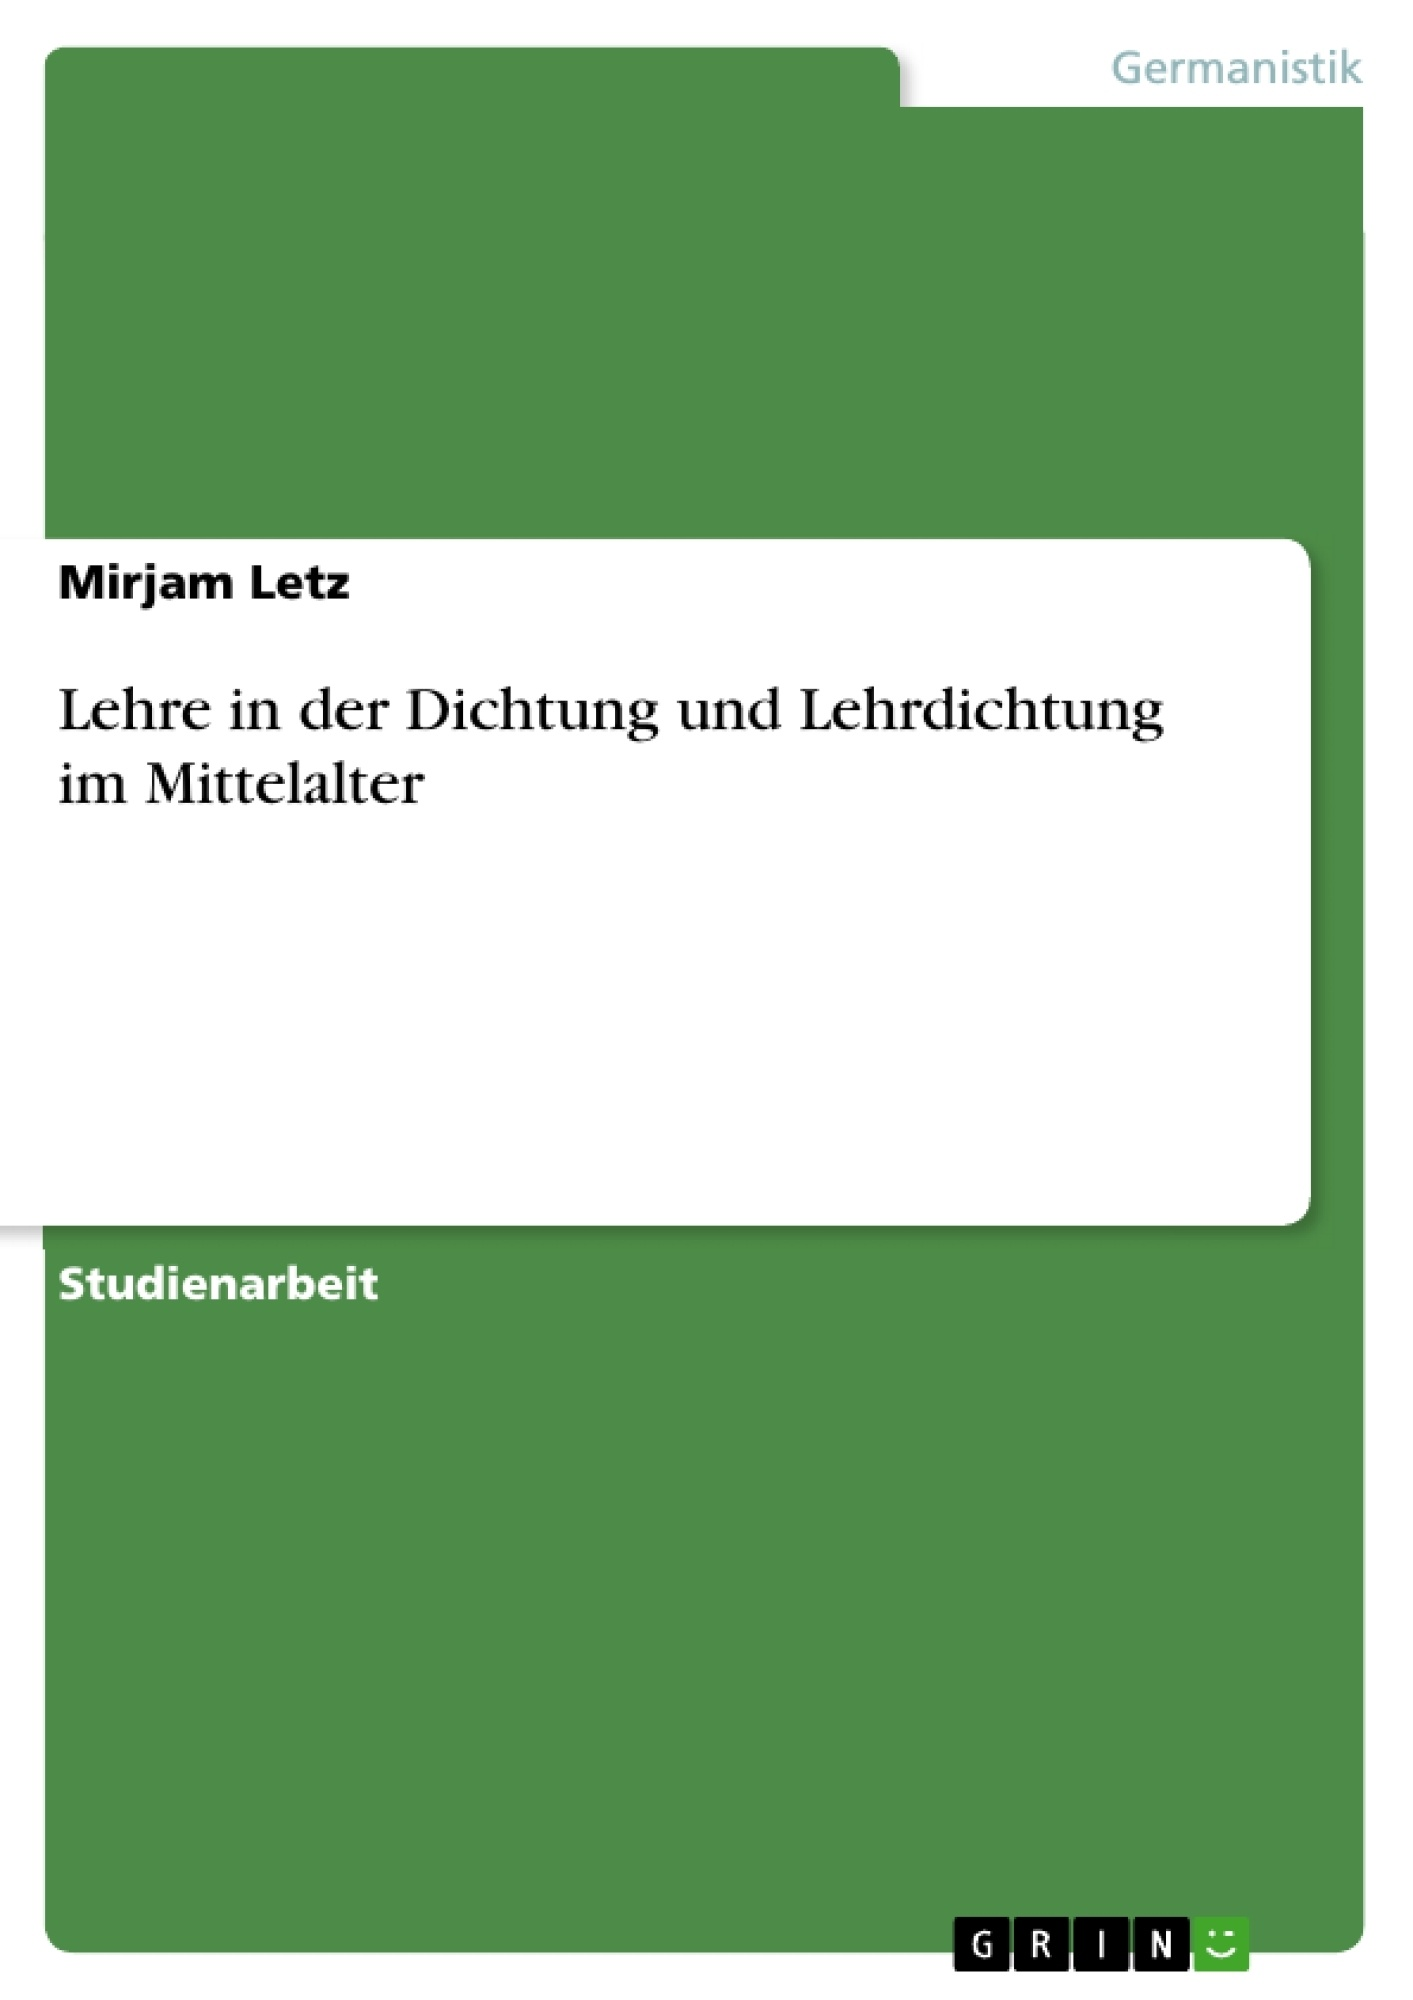 Titel: Lehre in der Dichtung und Lehrdichtung im Mittelalter